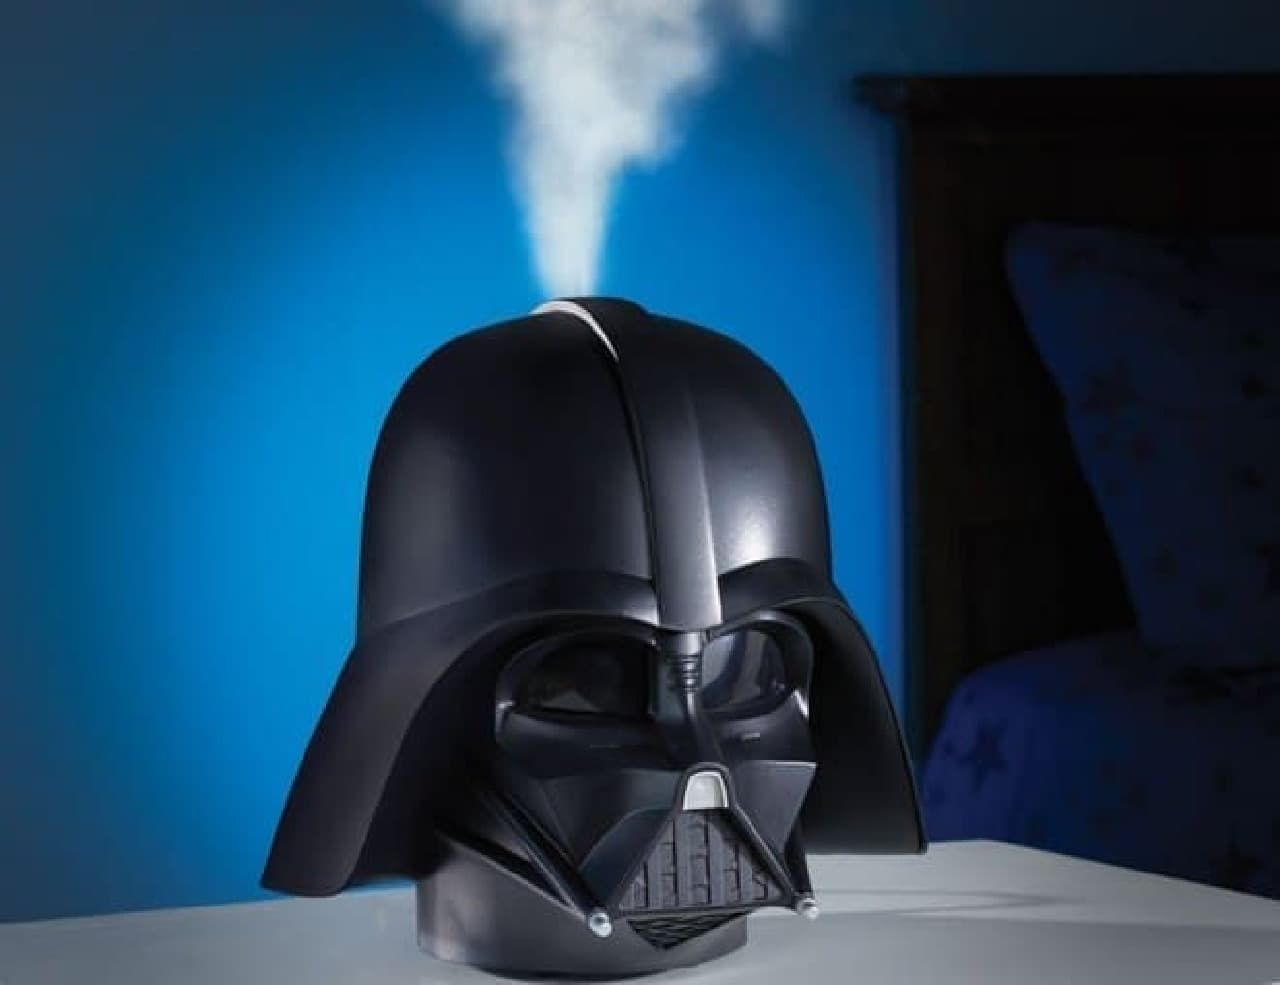 ダースベイダー型の卓上加湿器「The Darth Vader Humidifier」